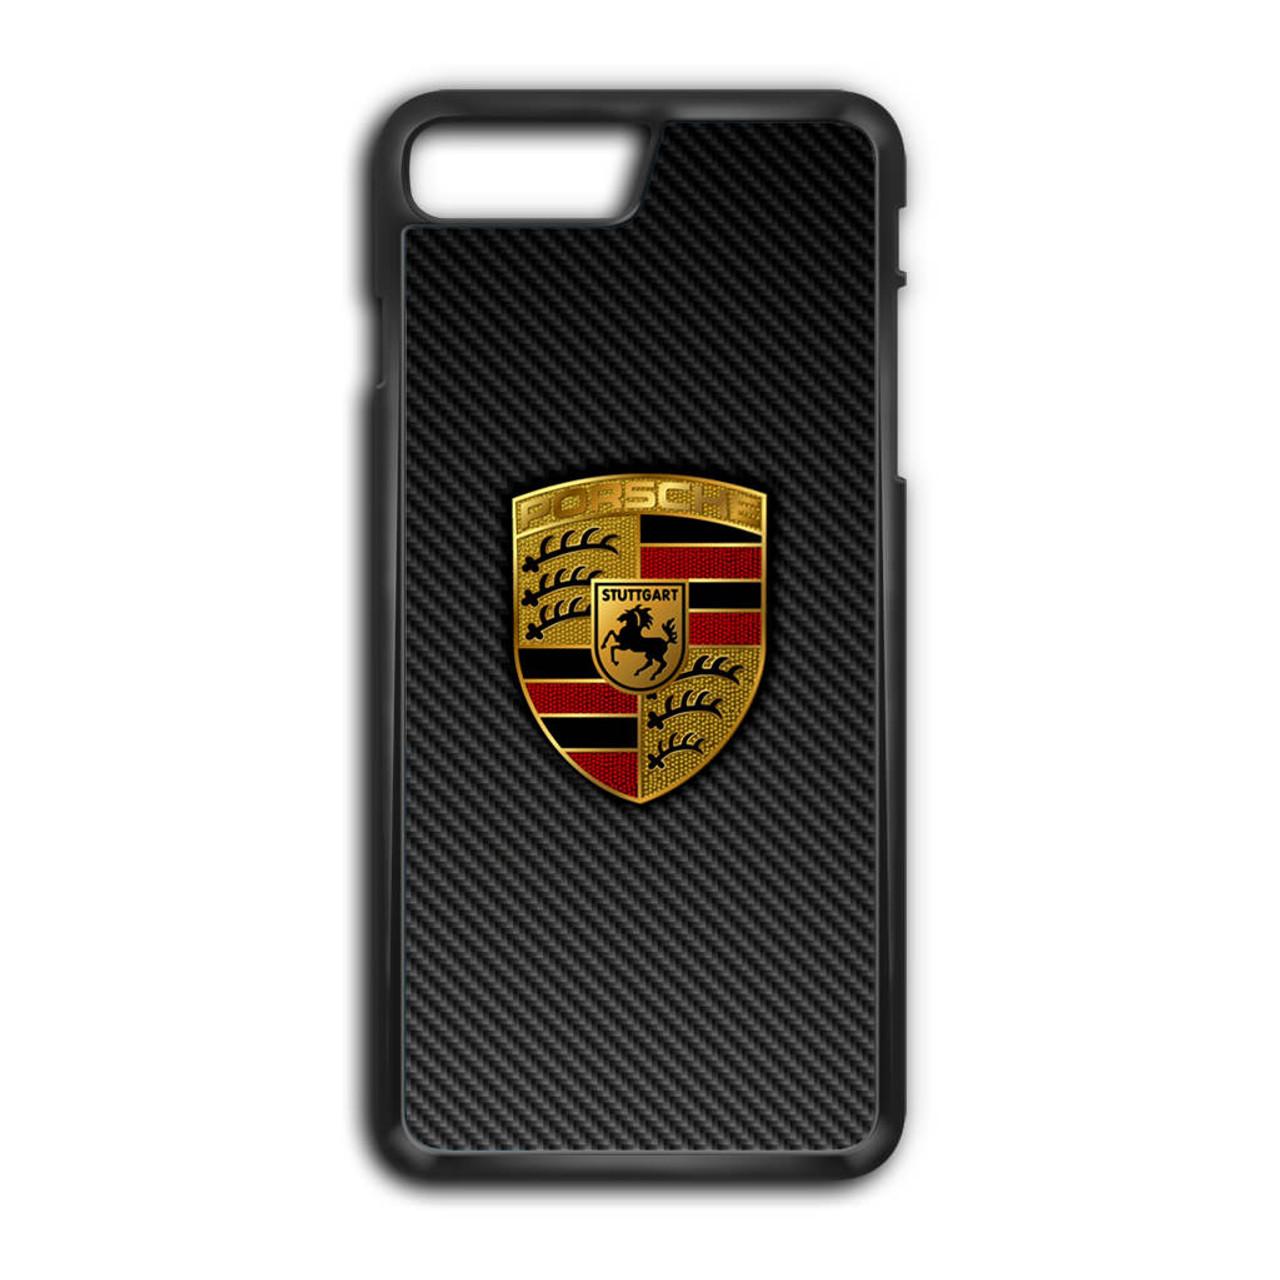 ad36b5cf6d83 Carbon Porsche Logo iPhone 7 Plus Case - GGIANS